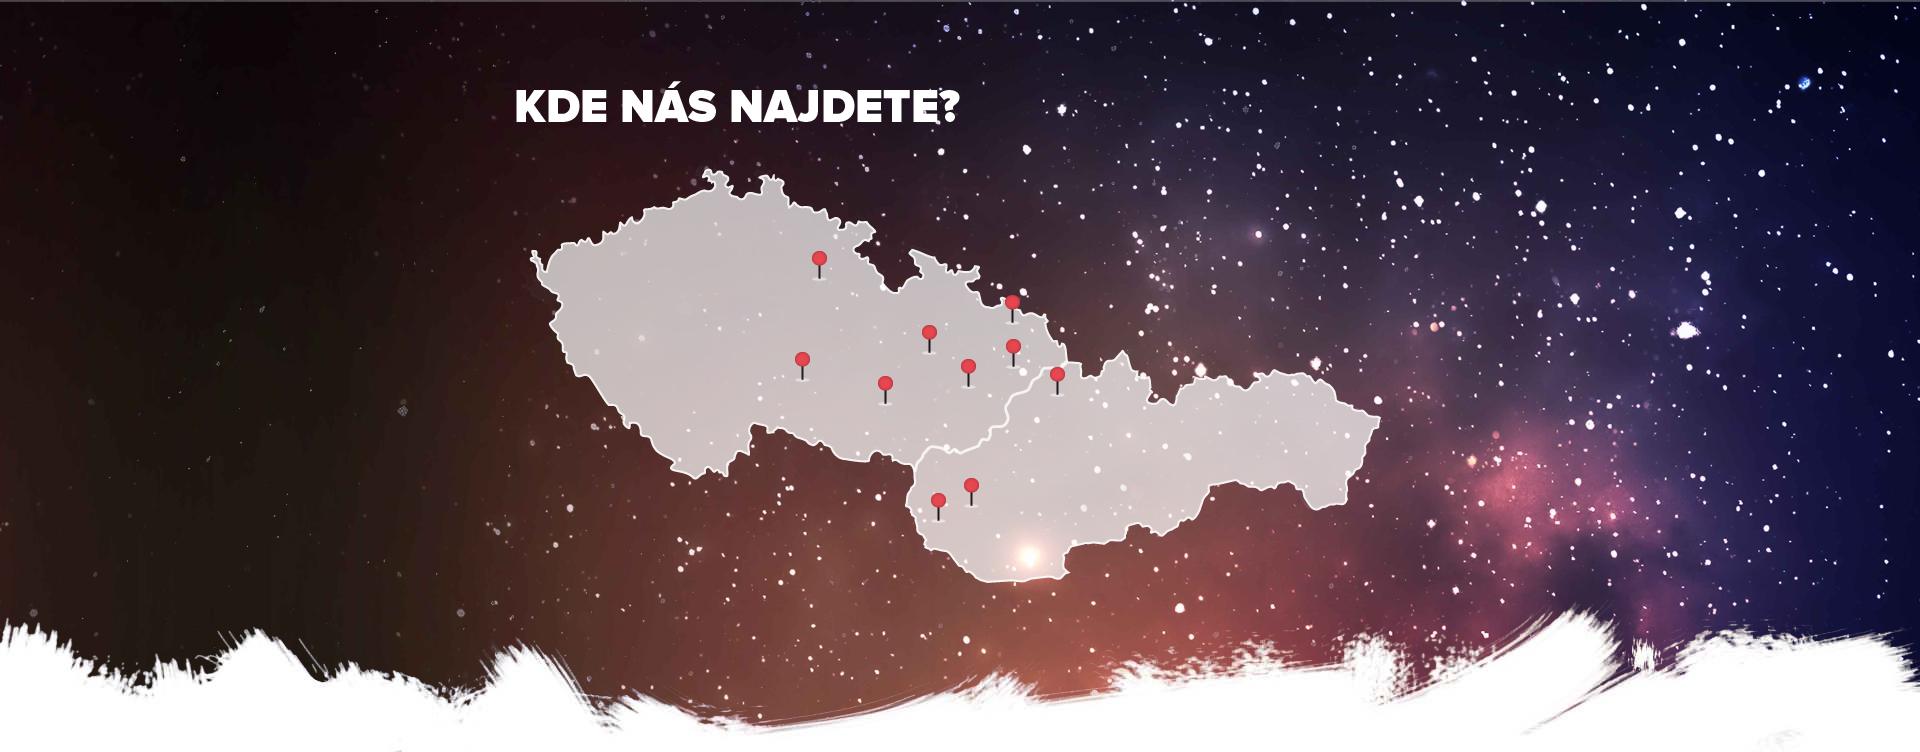 mapka cz